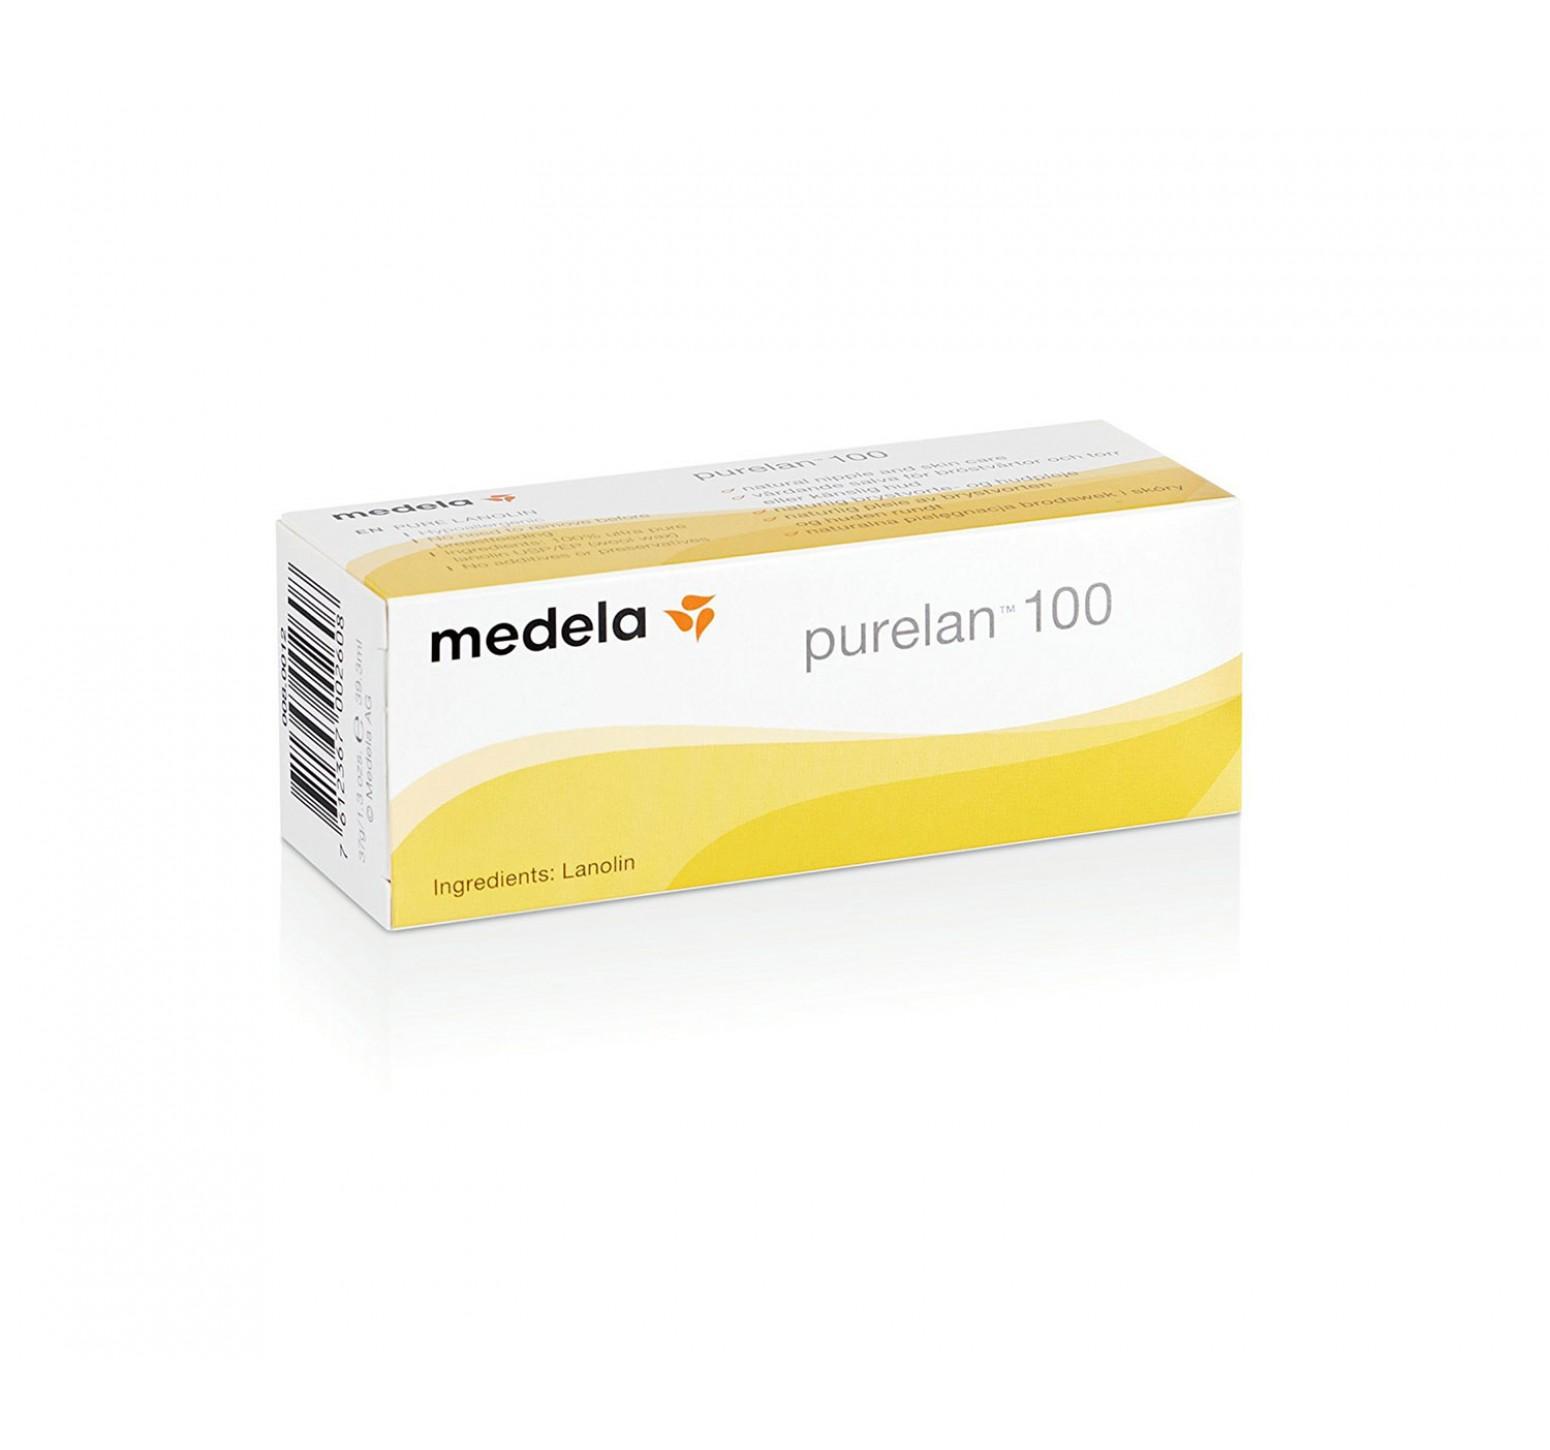 Medela Crema Purelan 100 Lanolina 100%